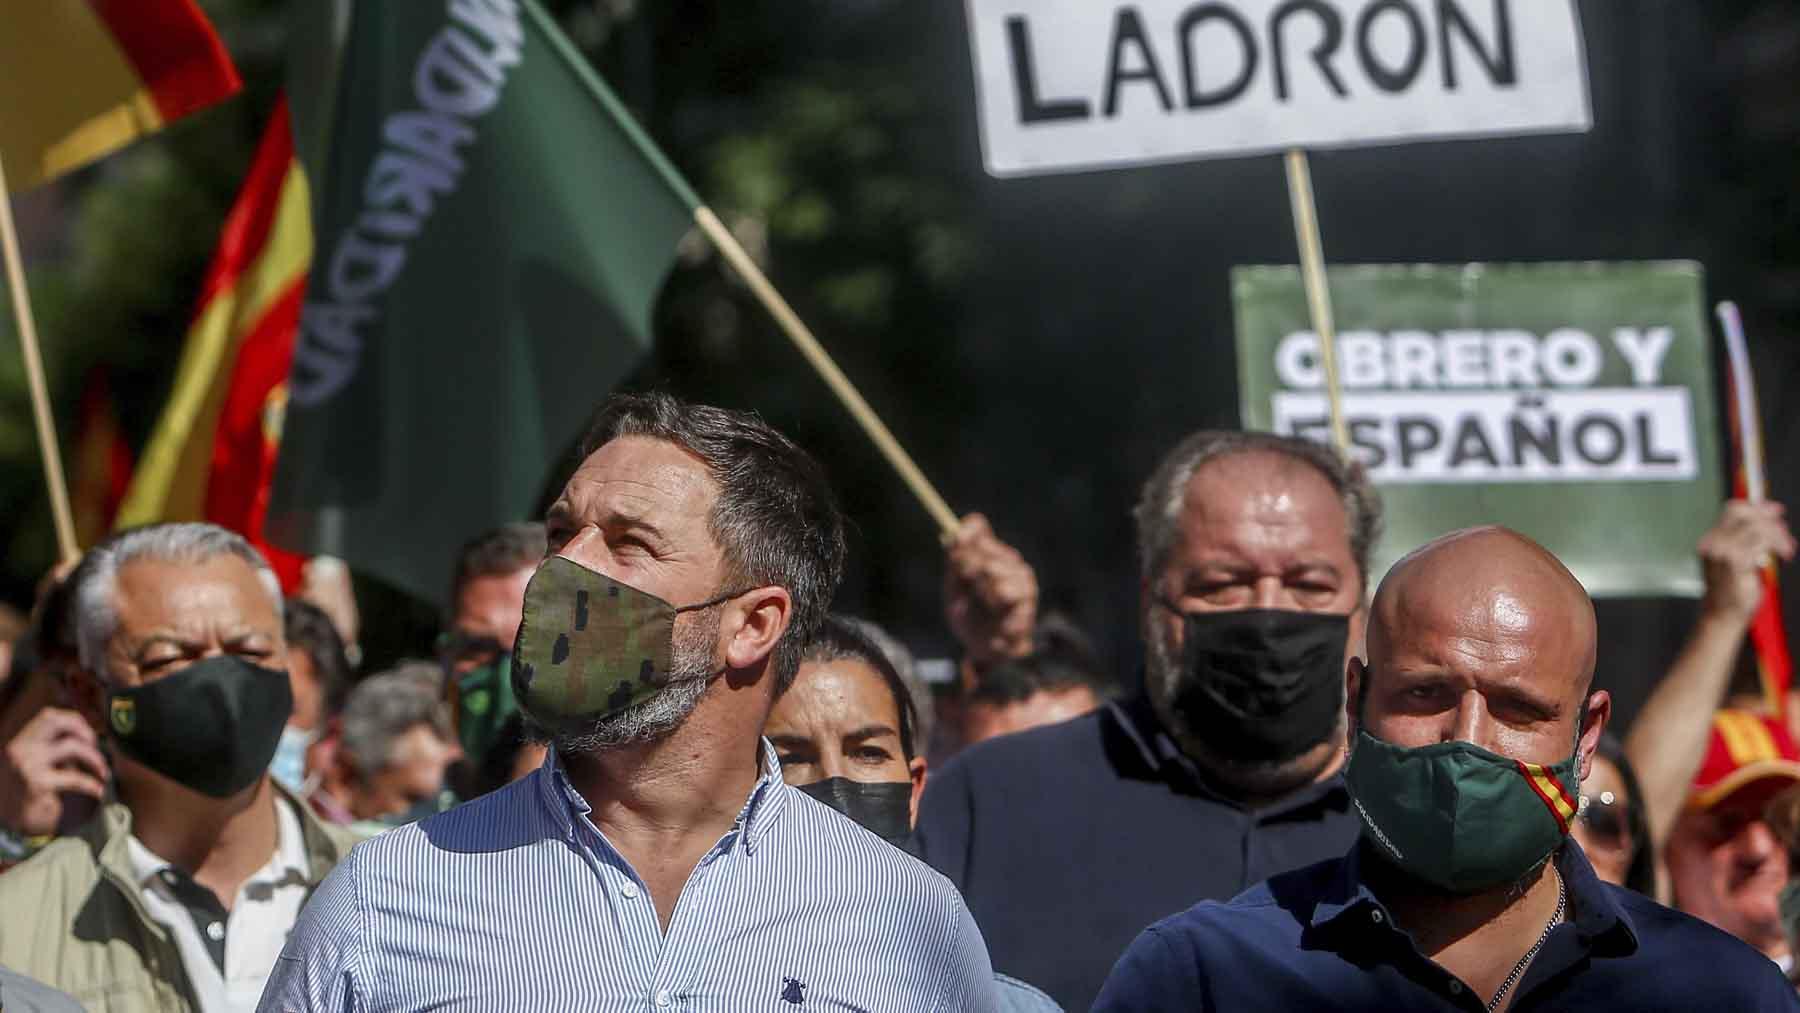 Santiago Abascal en una manifestación de Solidaridad. Foto: Europa Press